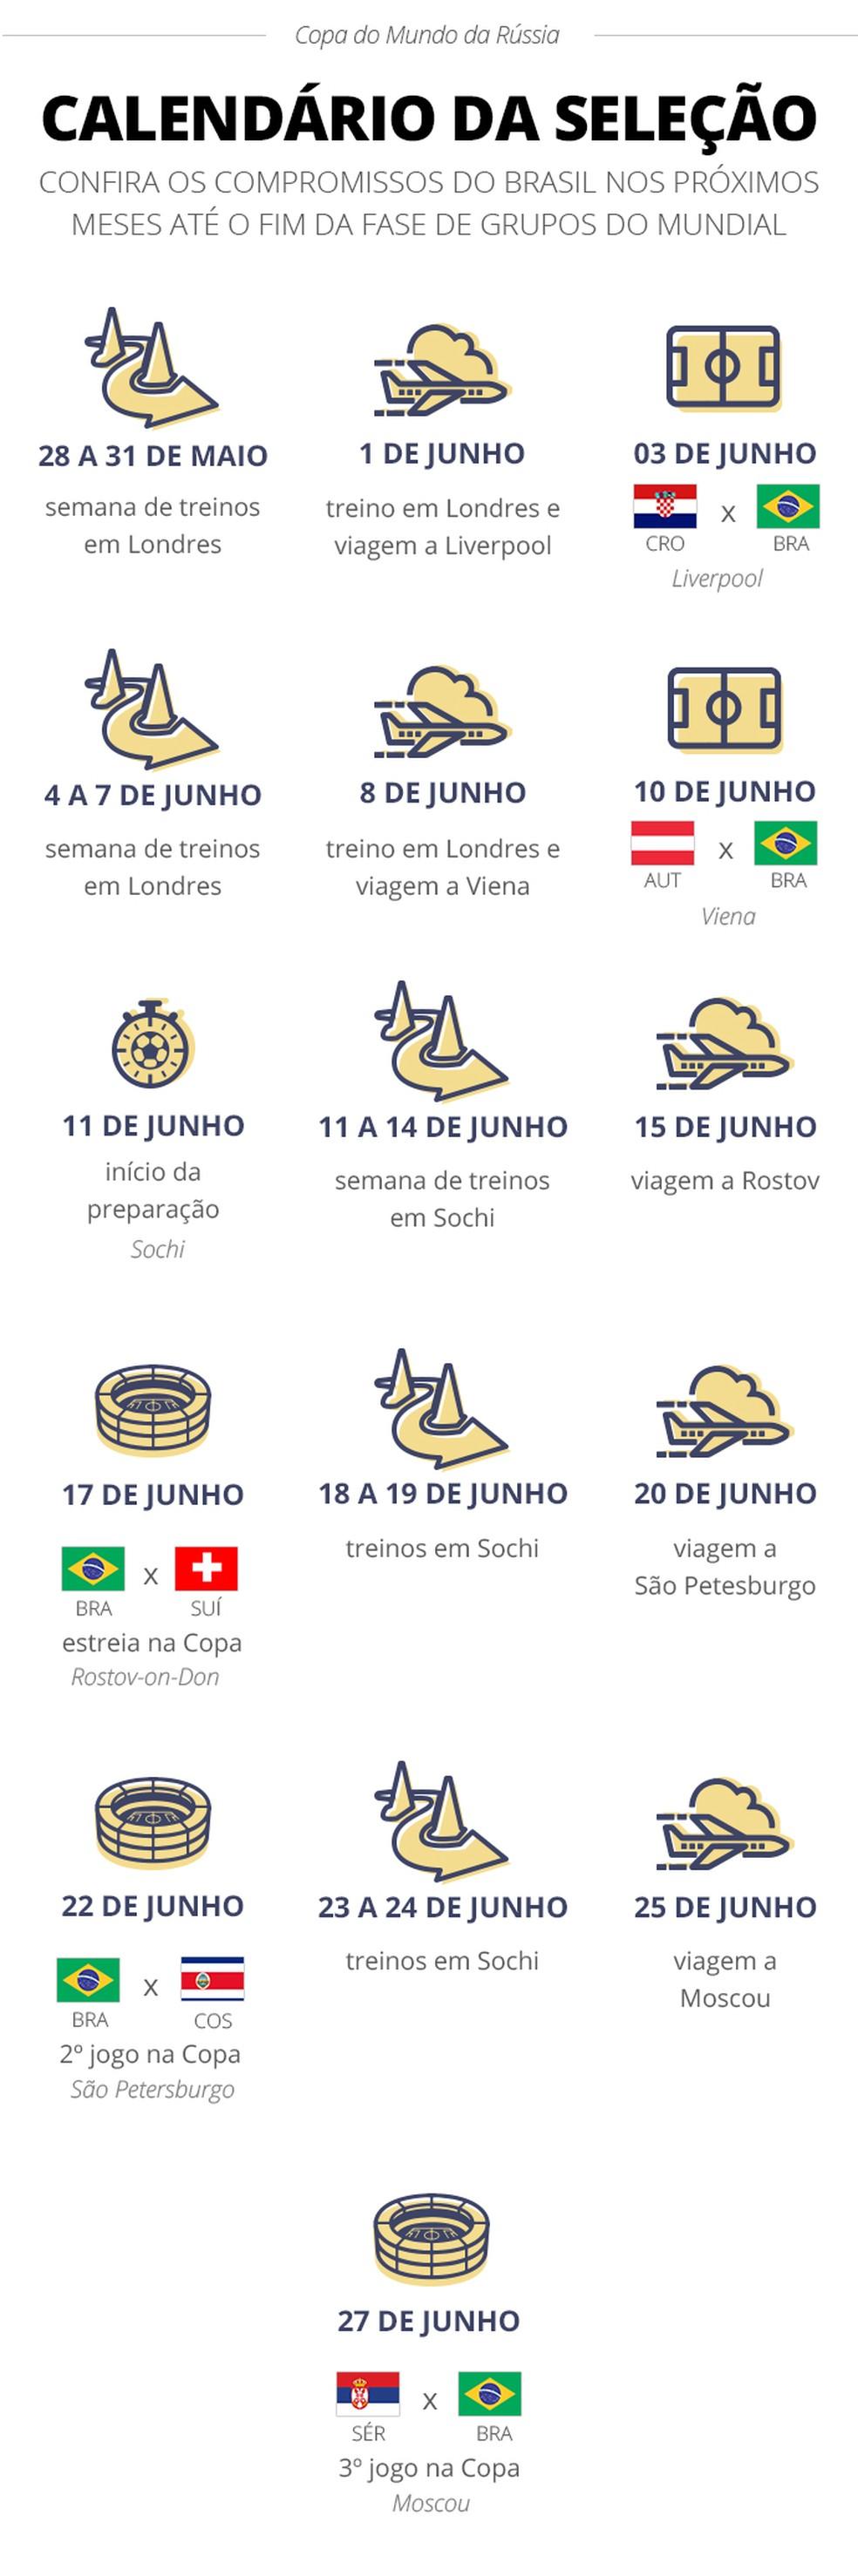 Info calendário da seleção na copa (Foto: infoesporte)